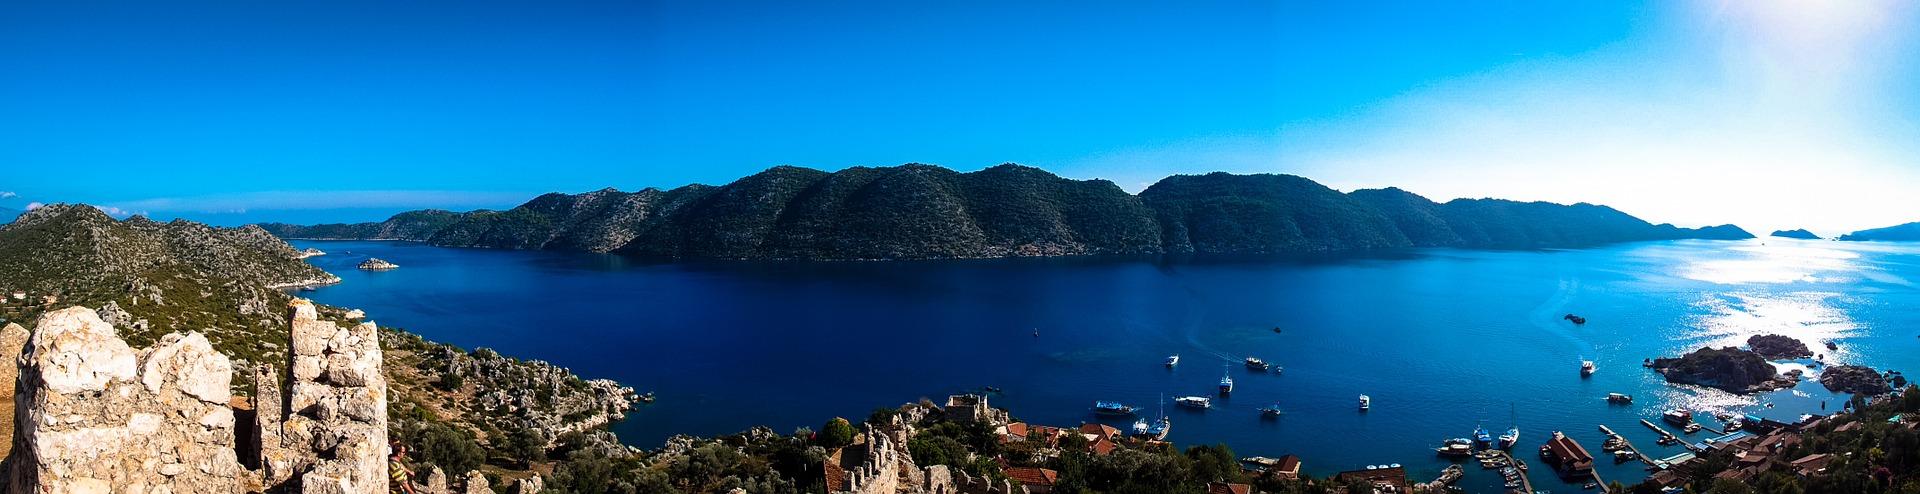 Vakantie Turkije natuur meer bergen